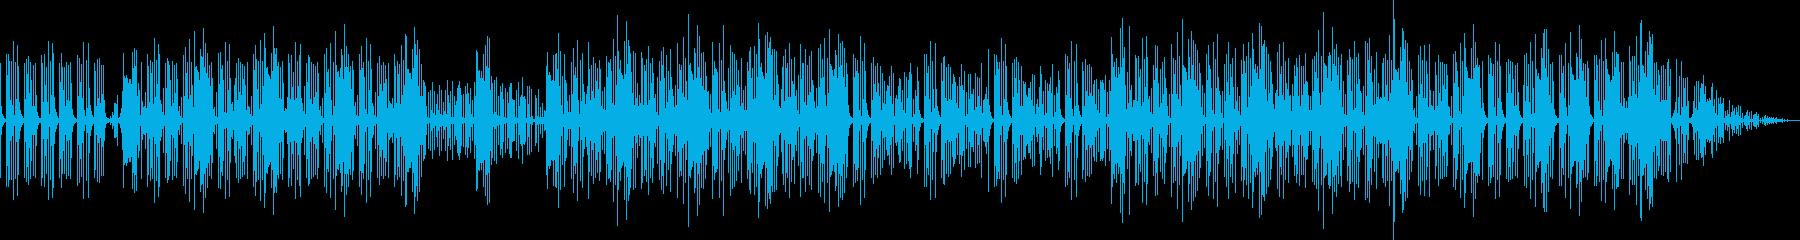 パーカッションループの再生済みの波形